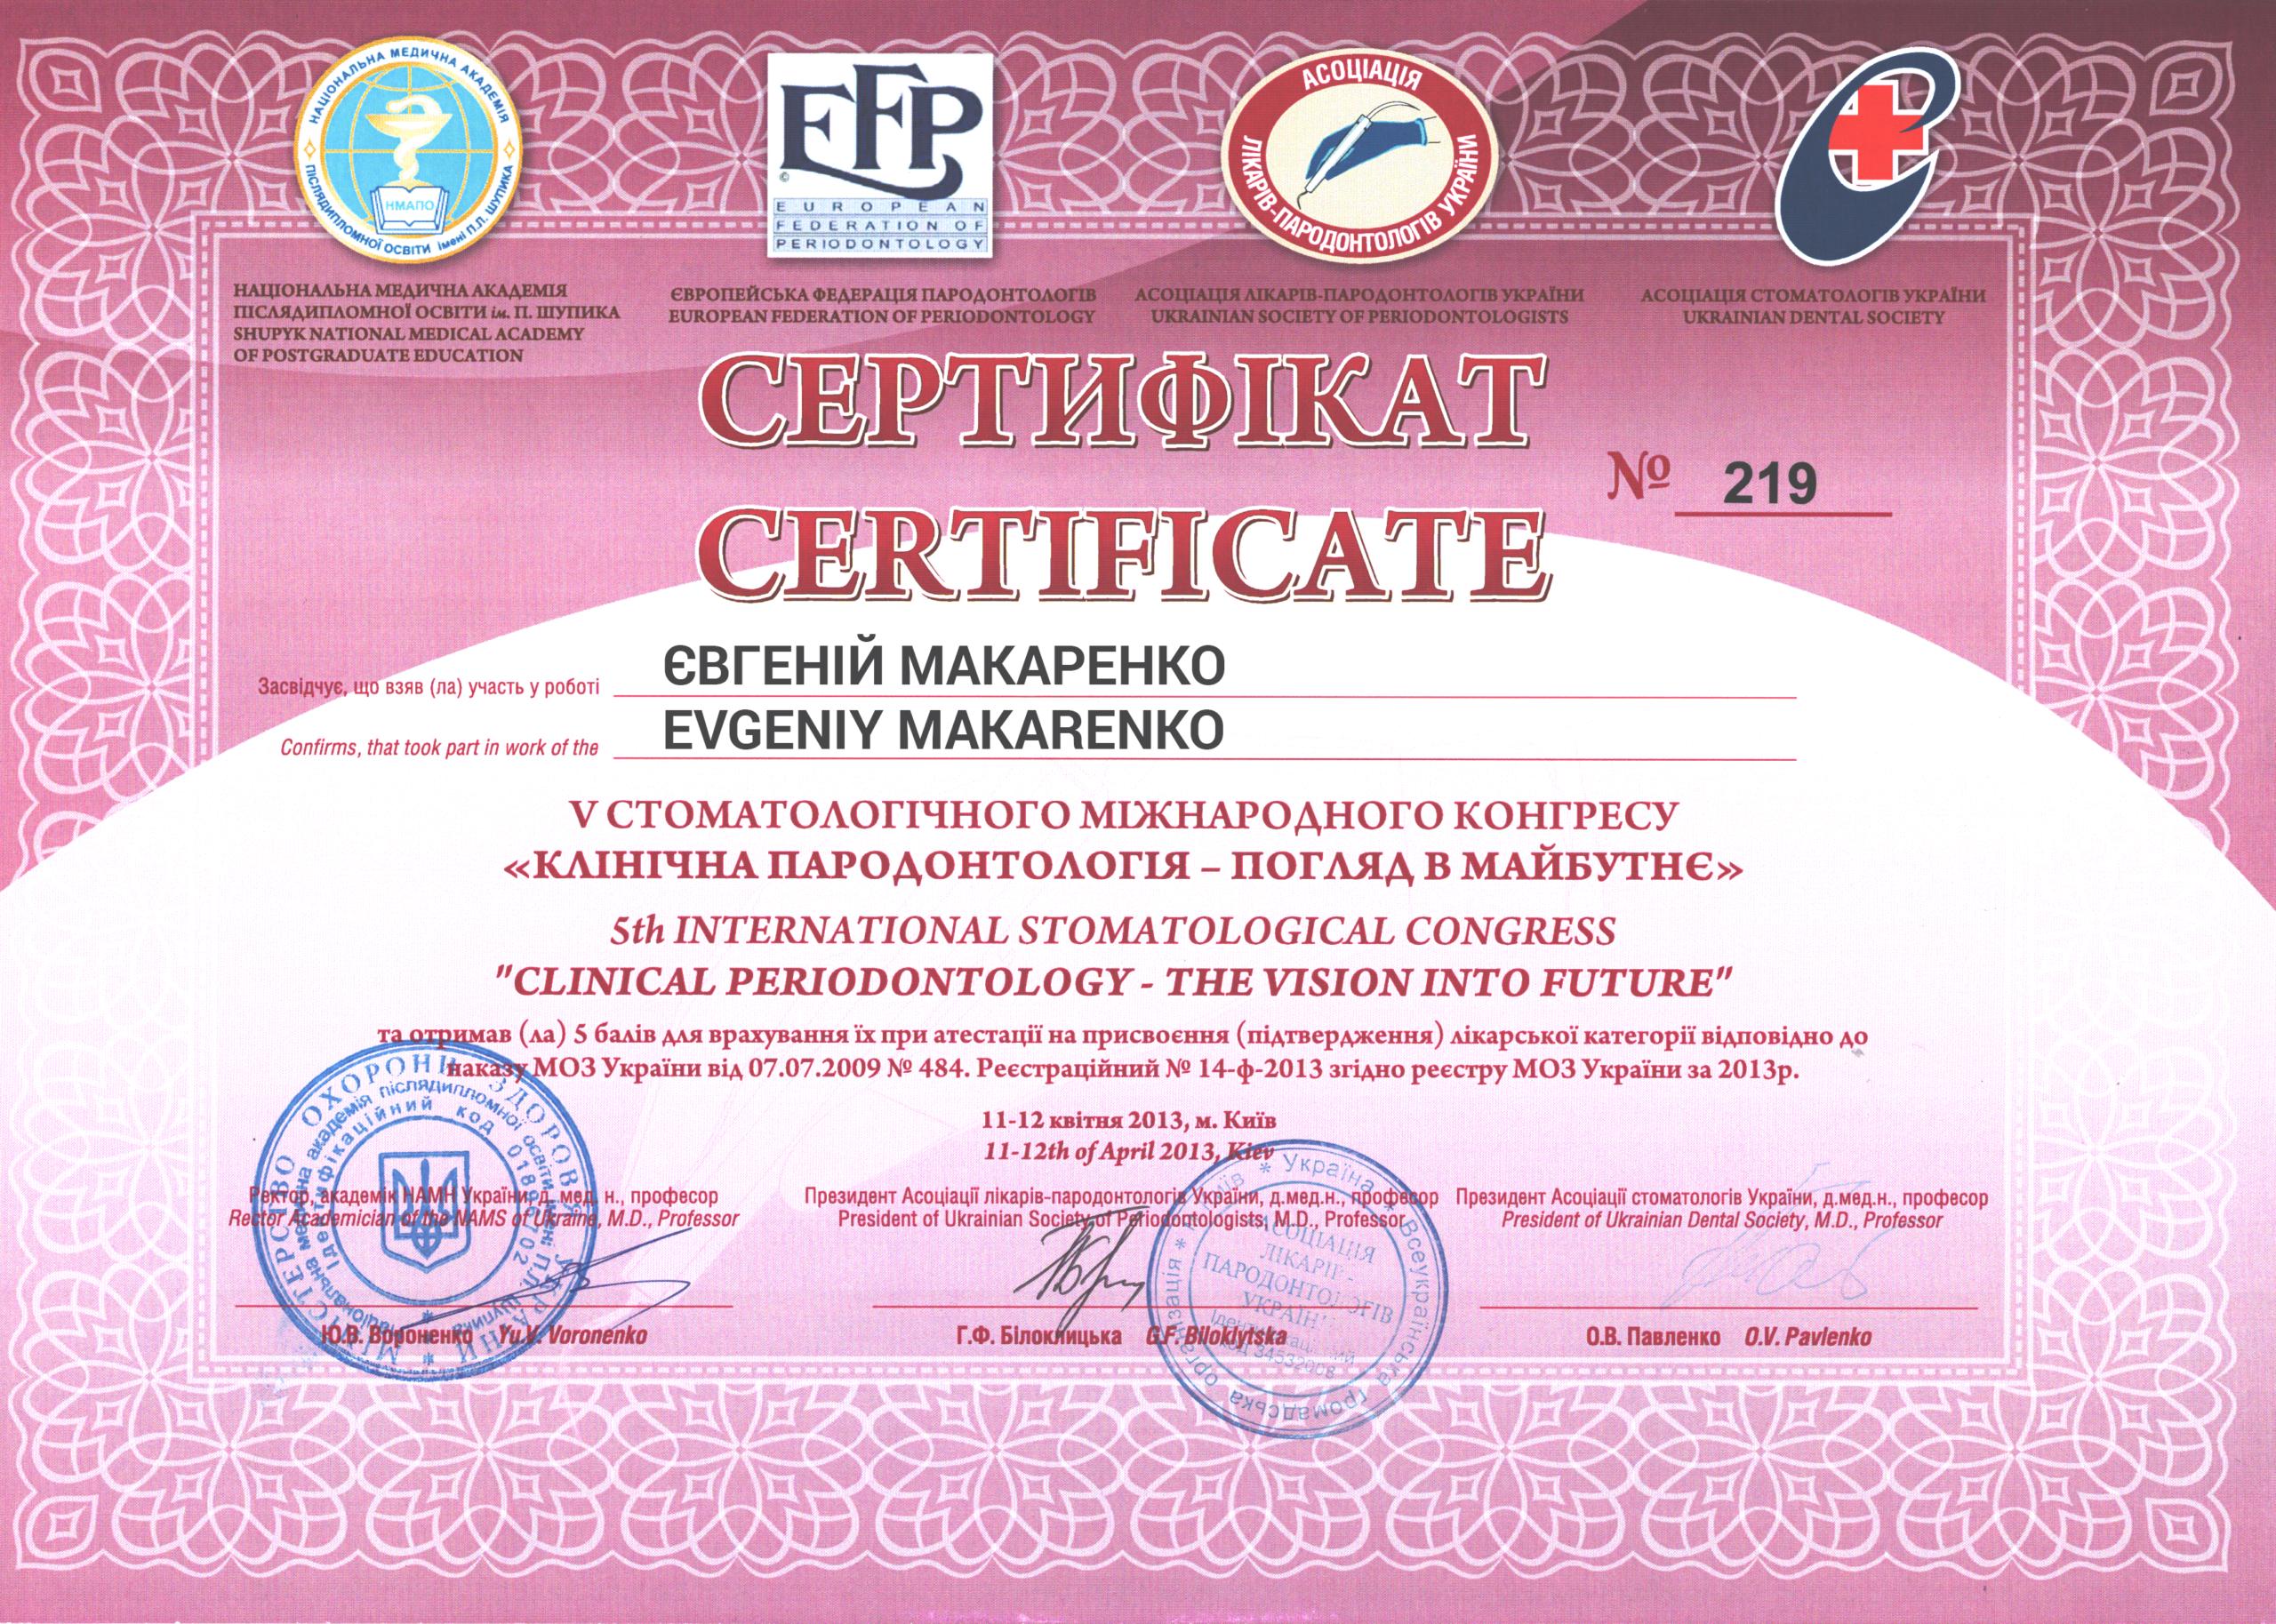 EvgeniyMakarenko2 scaled - Евгений Макаренко